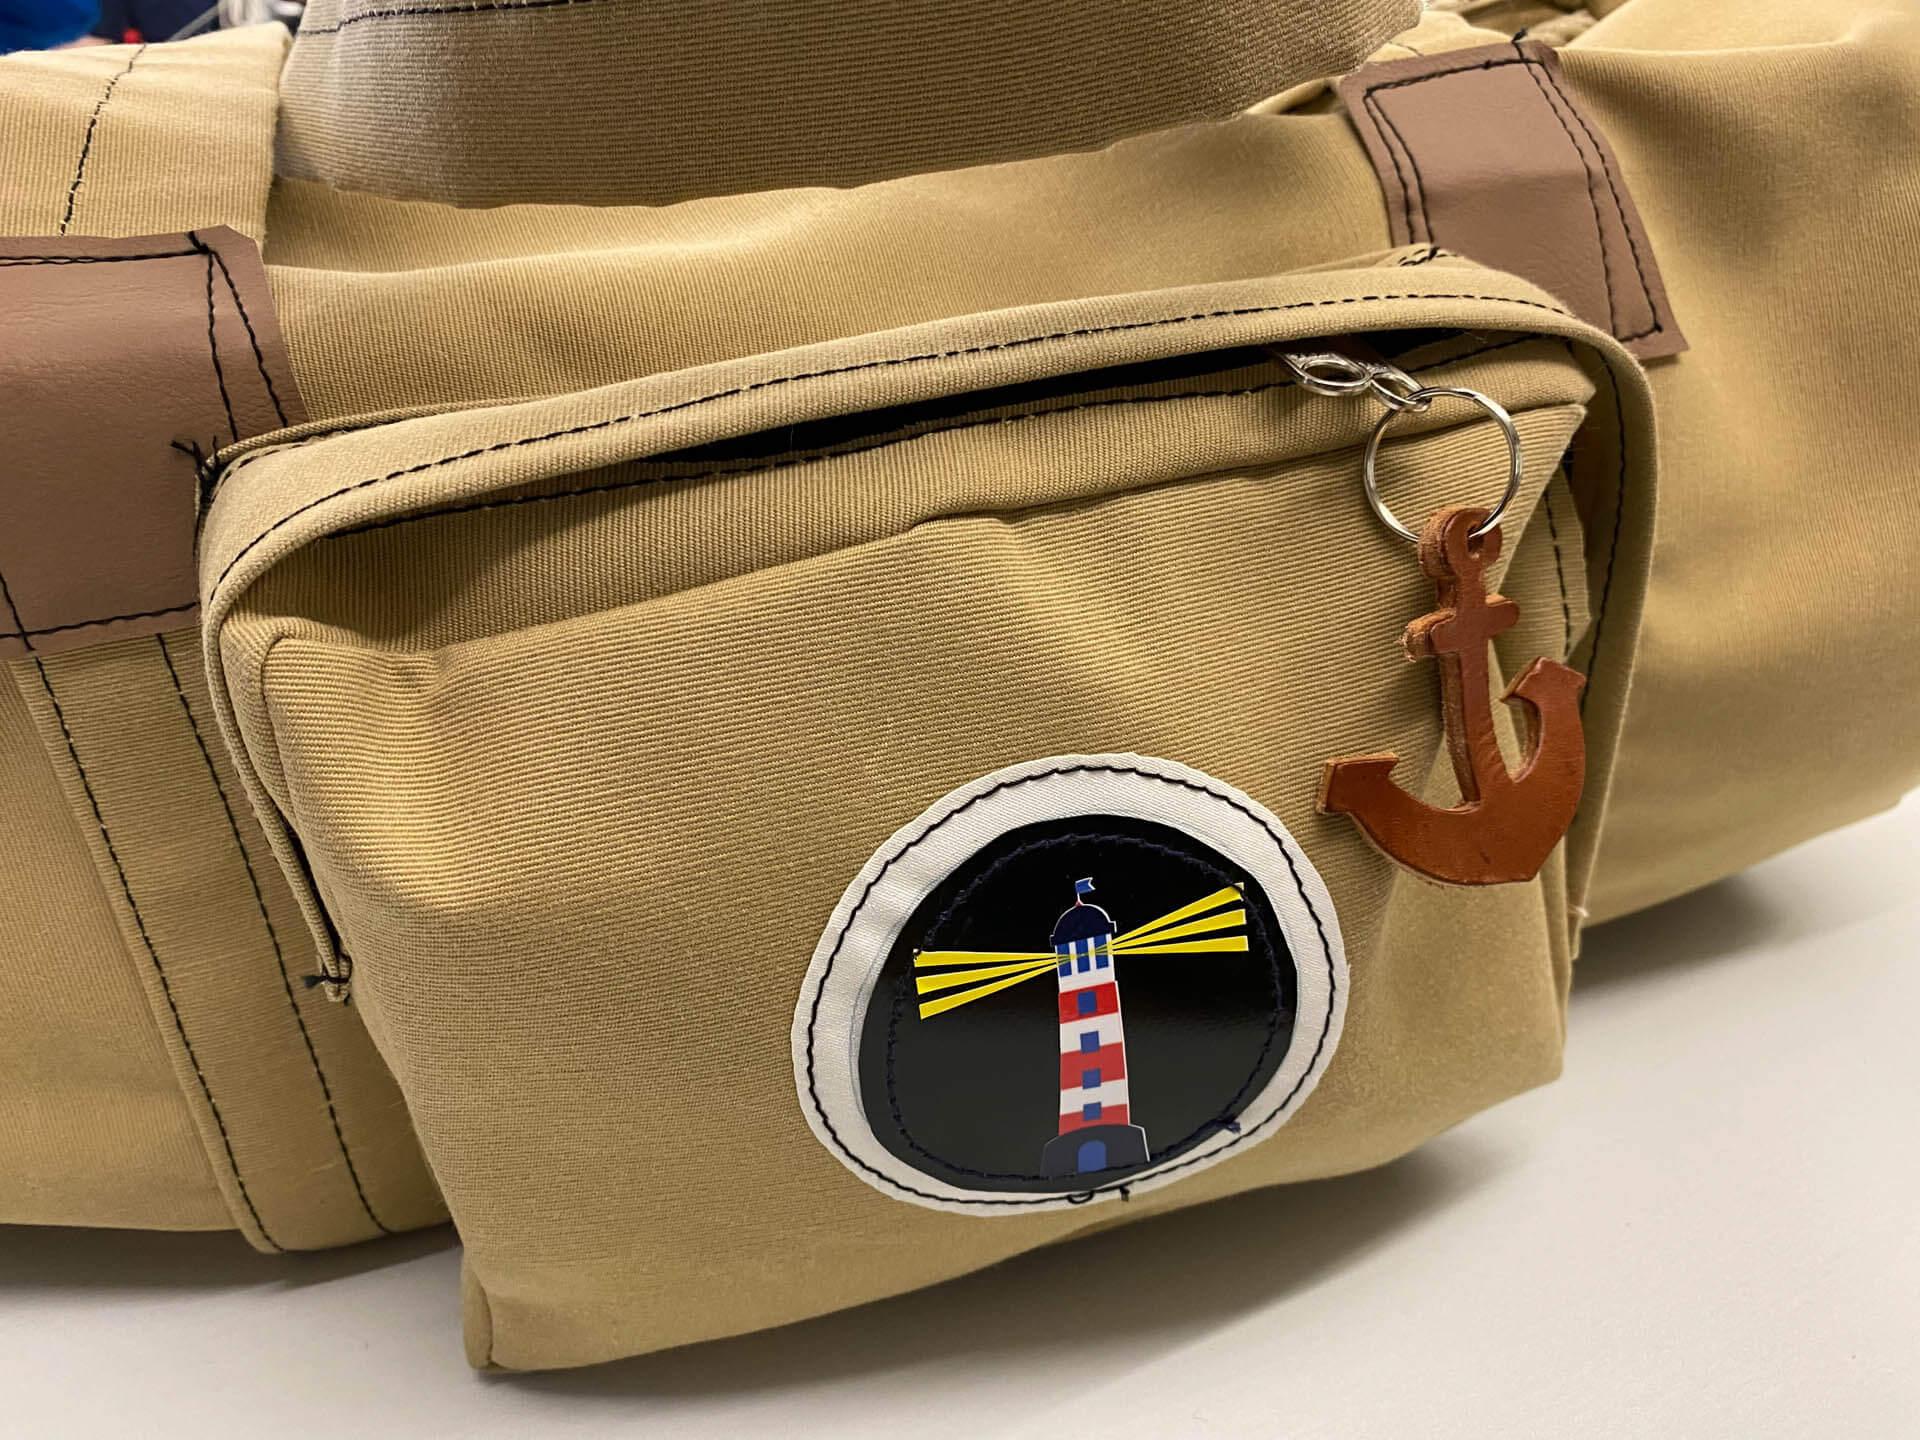 Maritime Reisetasche mit Leuchtturm-Symbol und Außentasche